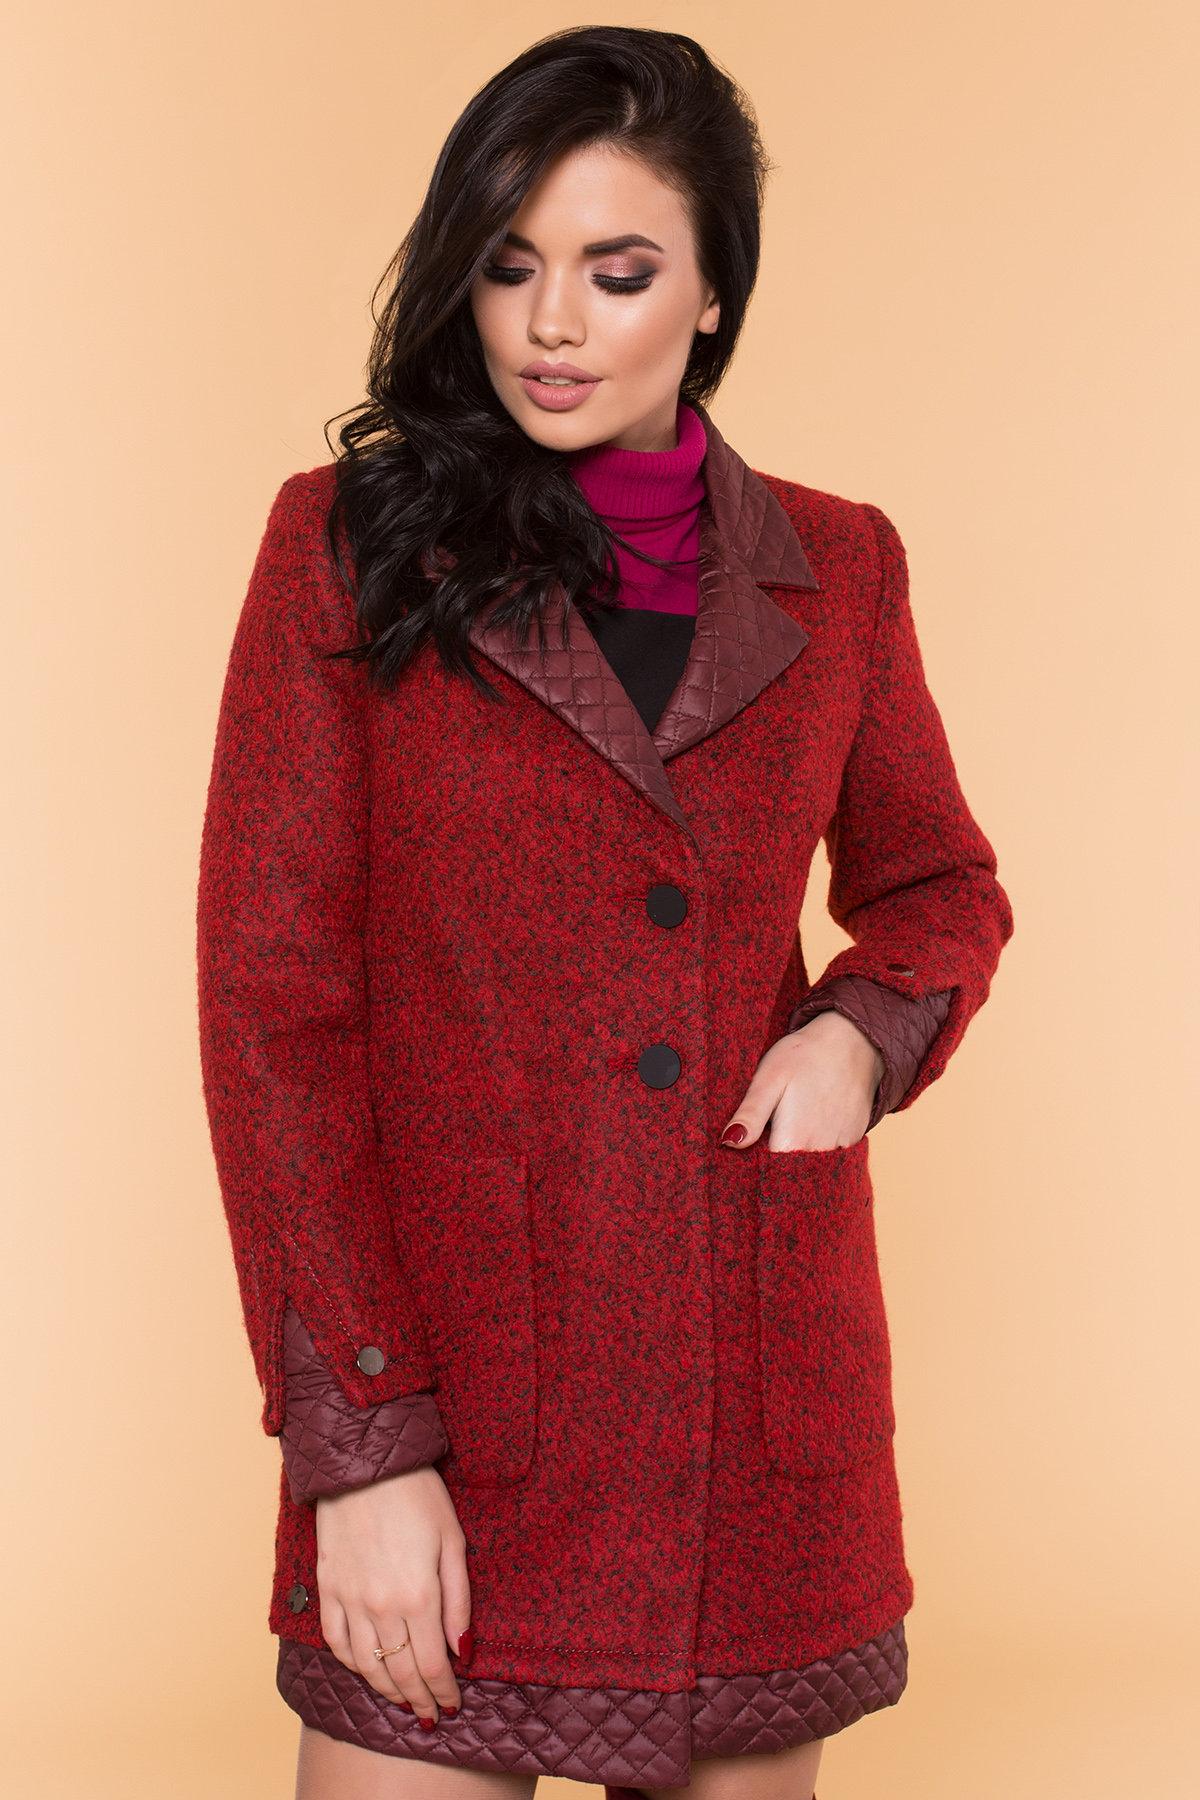 Пальто Астор 1052 АРТ. 9046 Цвет: Красный/черный/бордо - фото 4, интернет магазин tm-modus.ru